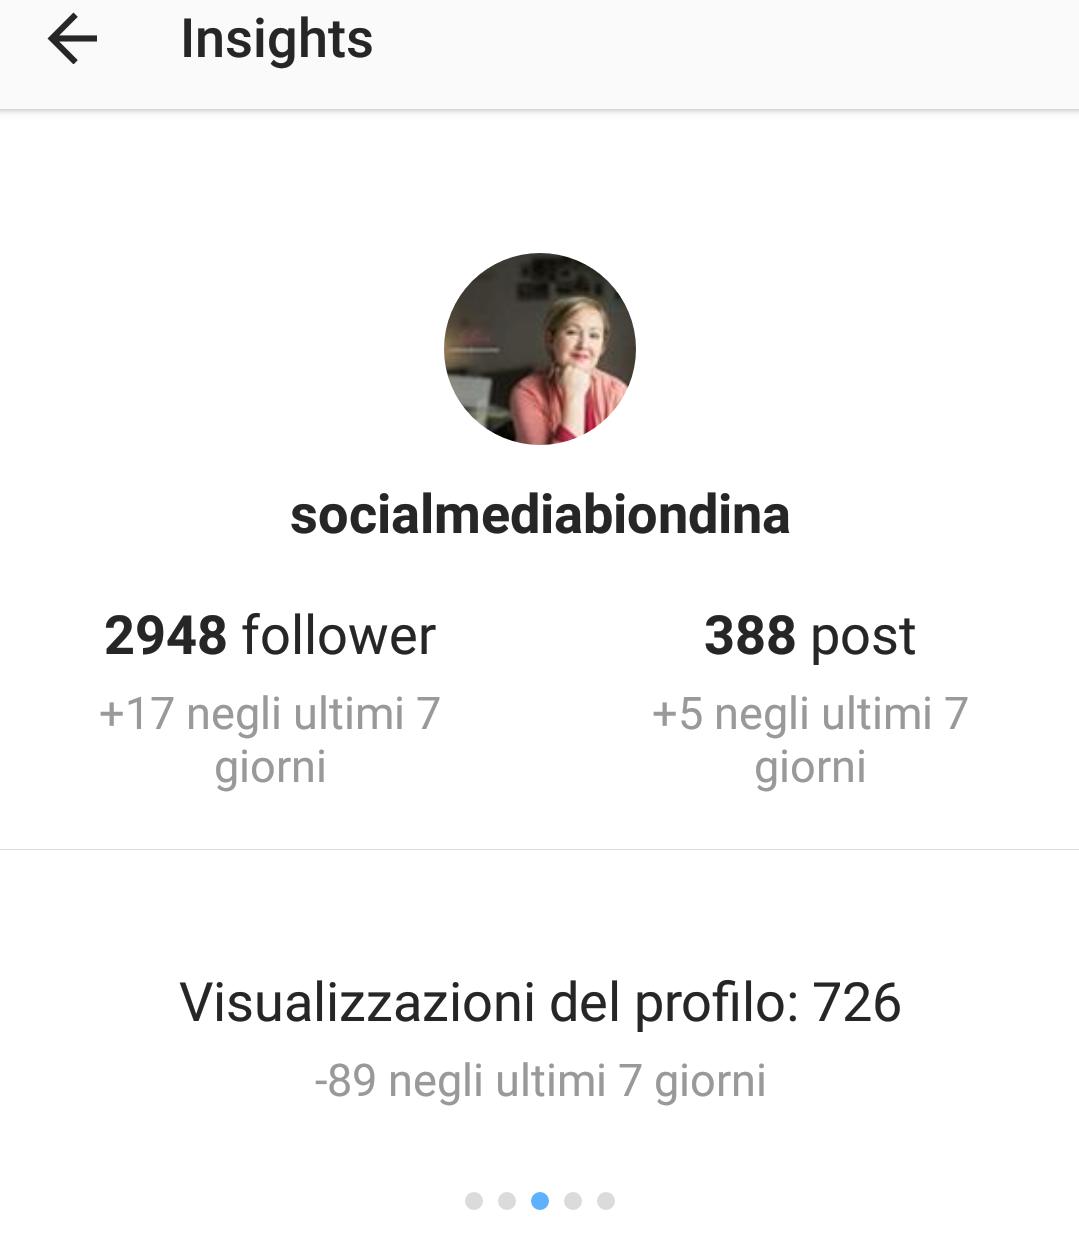 visualizzazioni profilo Instagram